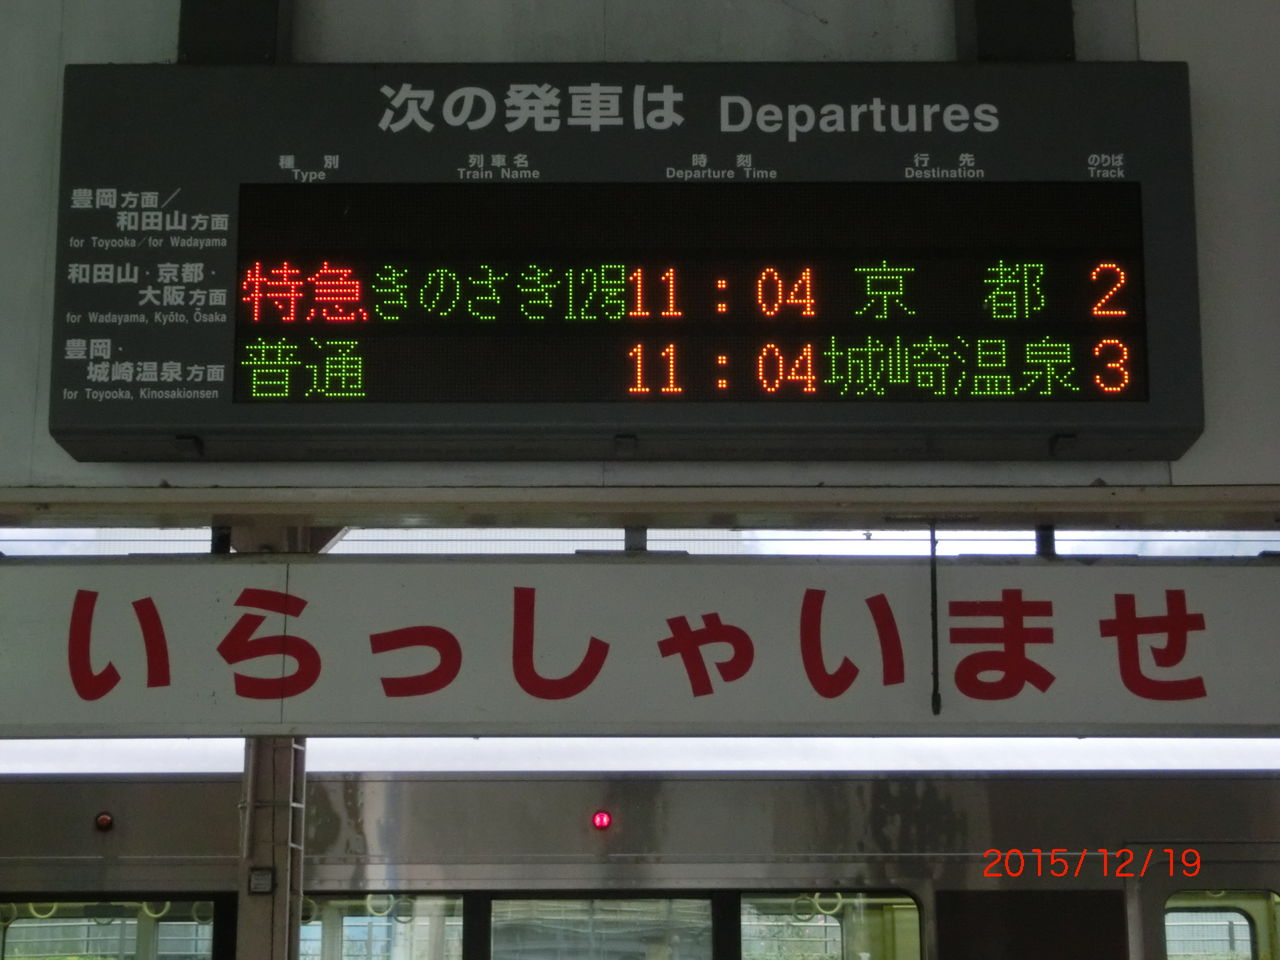 八鹿駅 改札口の電光掲示板(発車標) : 関西のJRへようこそ!